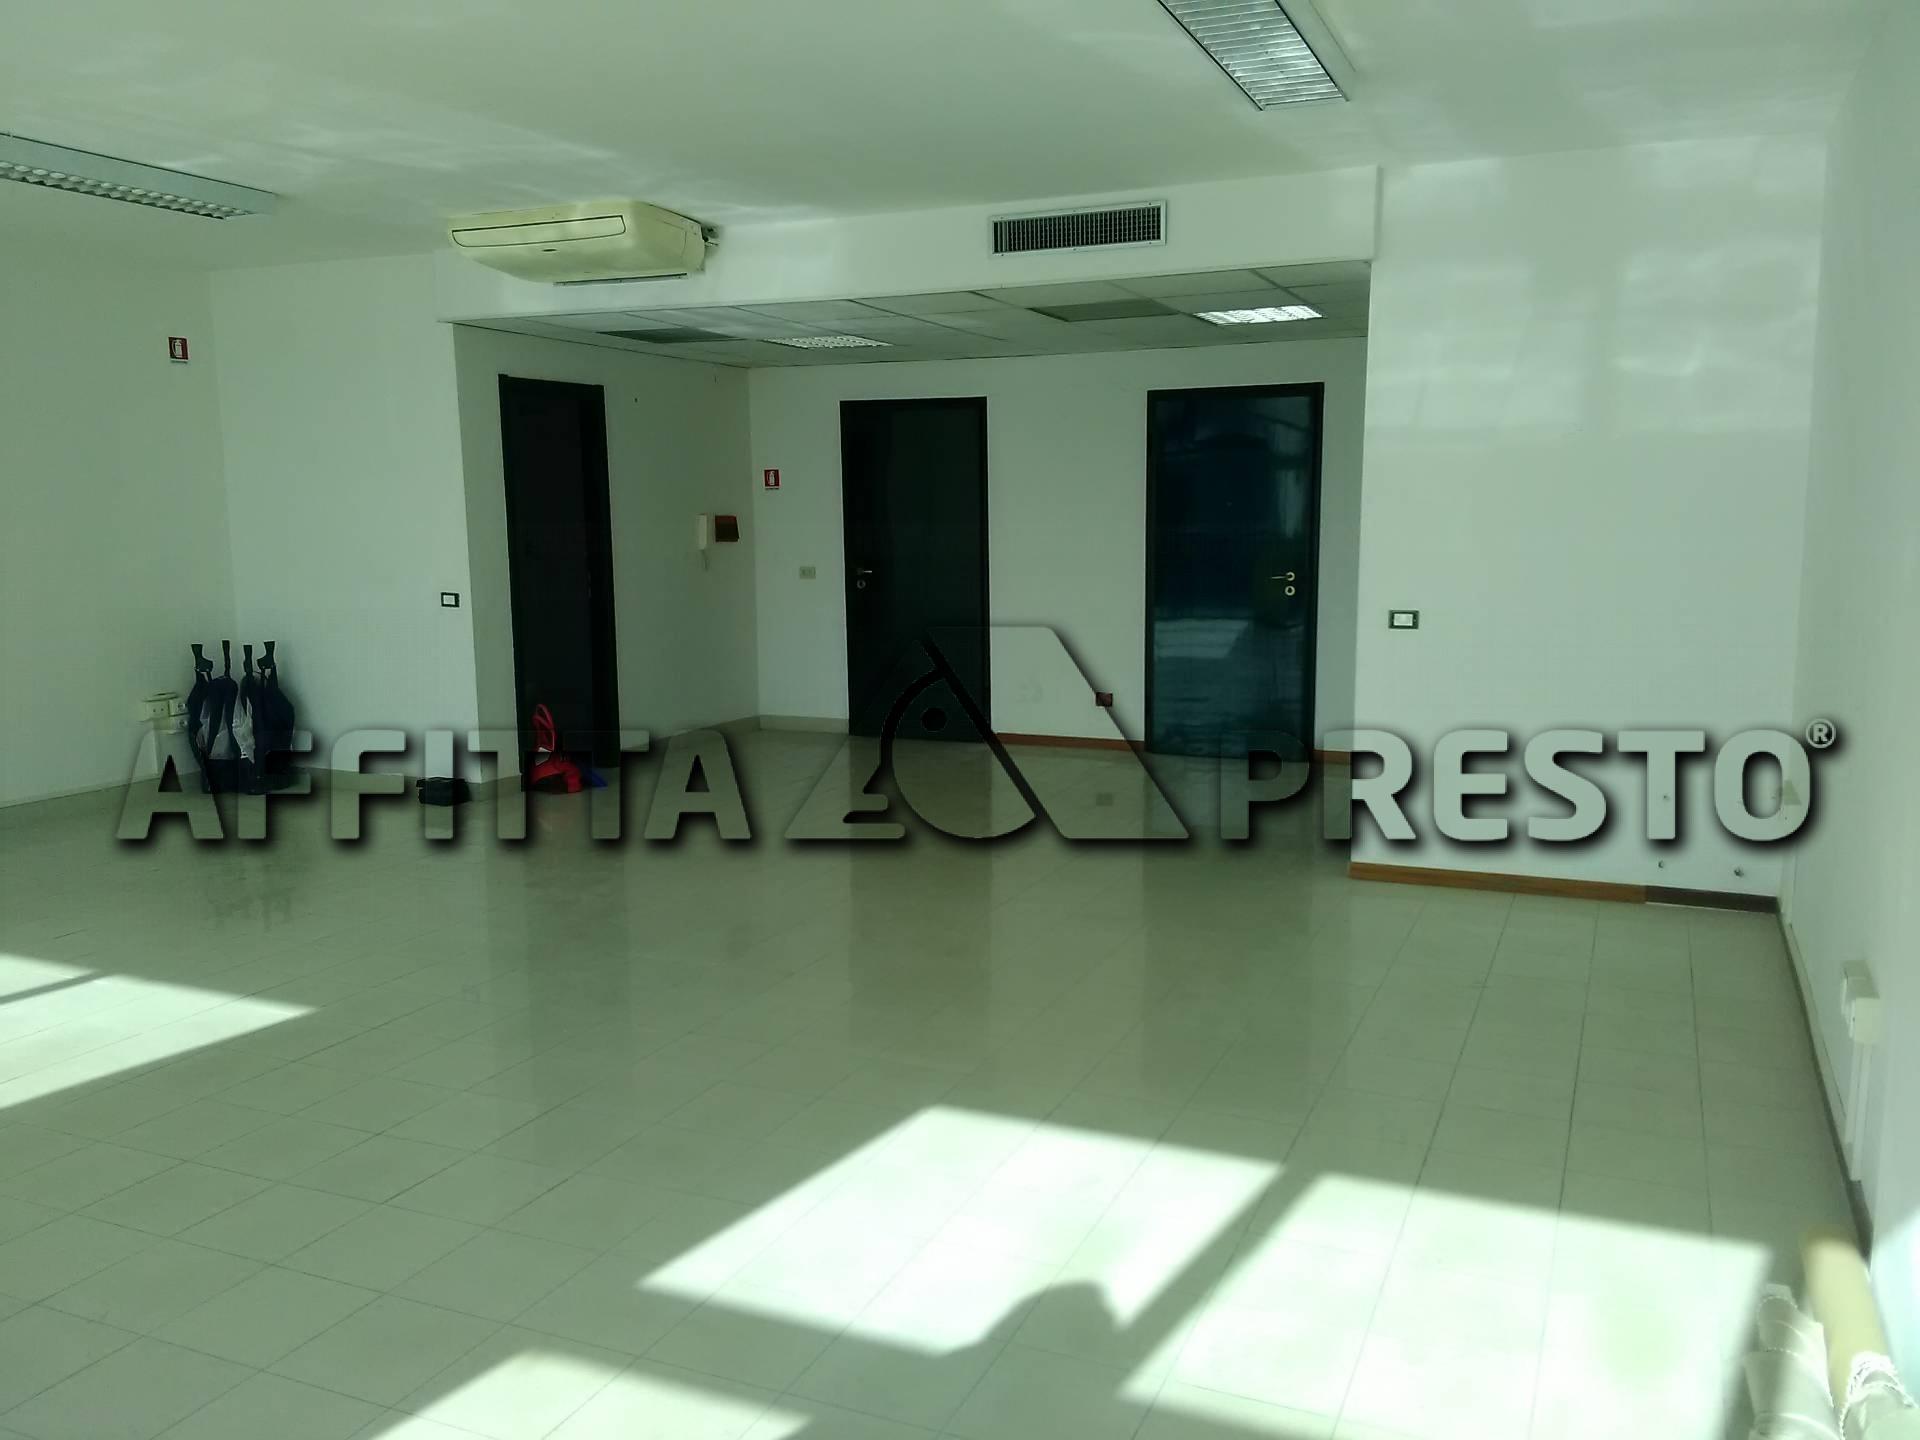 Ufficio / Studio in affitto a Collesalvetti, 1 locali, prezzo € 900   PortaleAgenzieImmobiliari.it